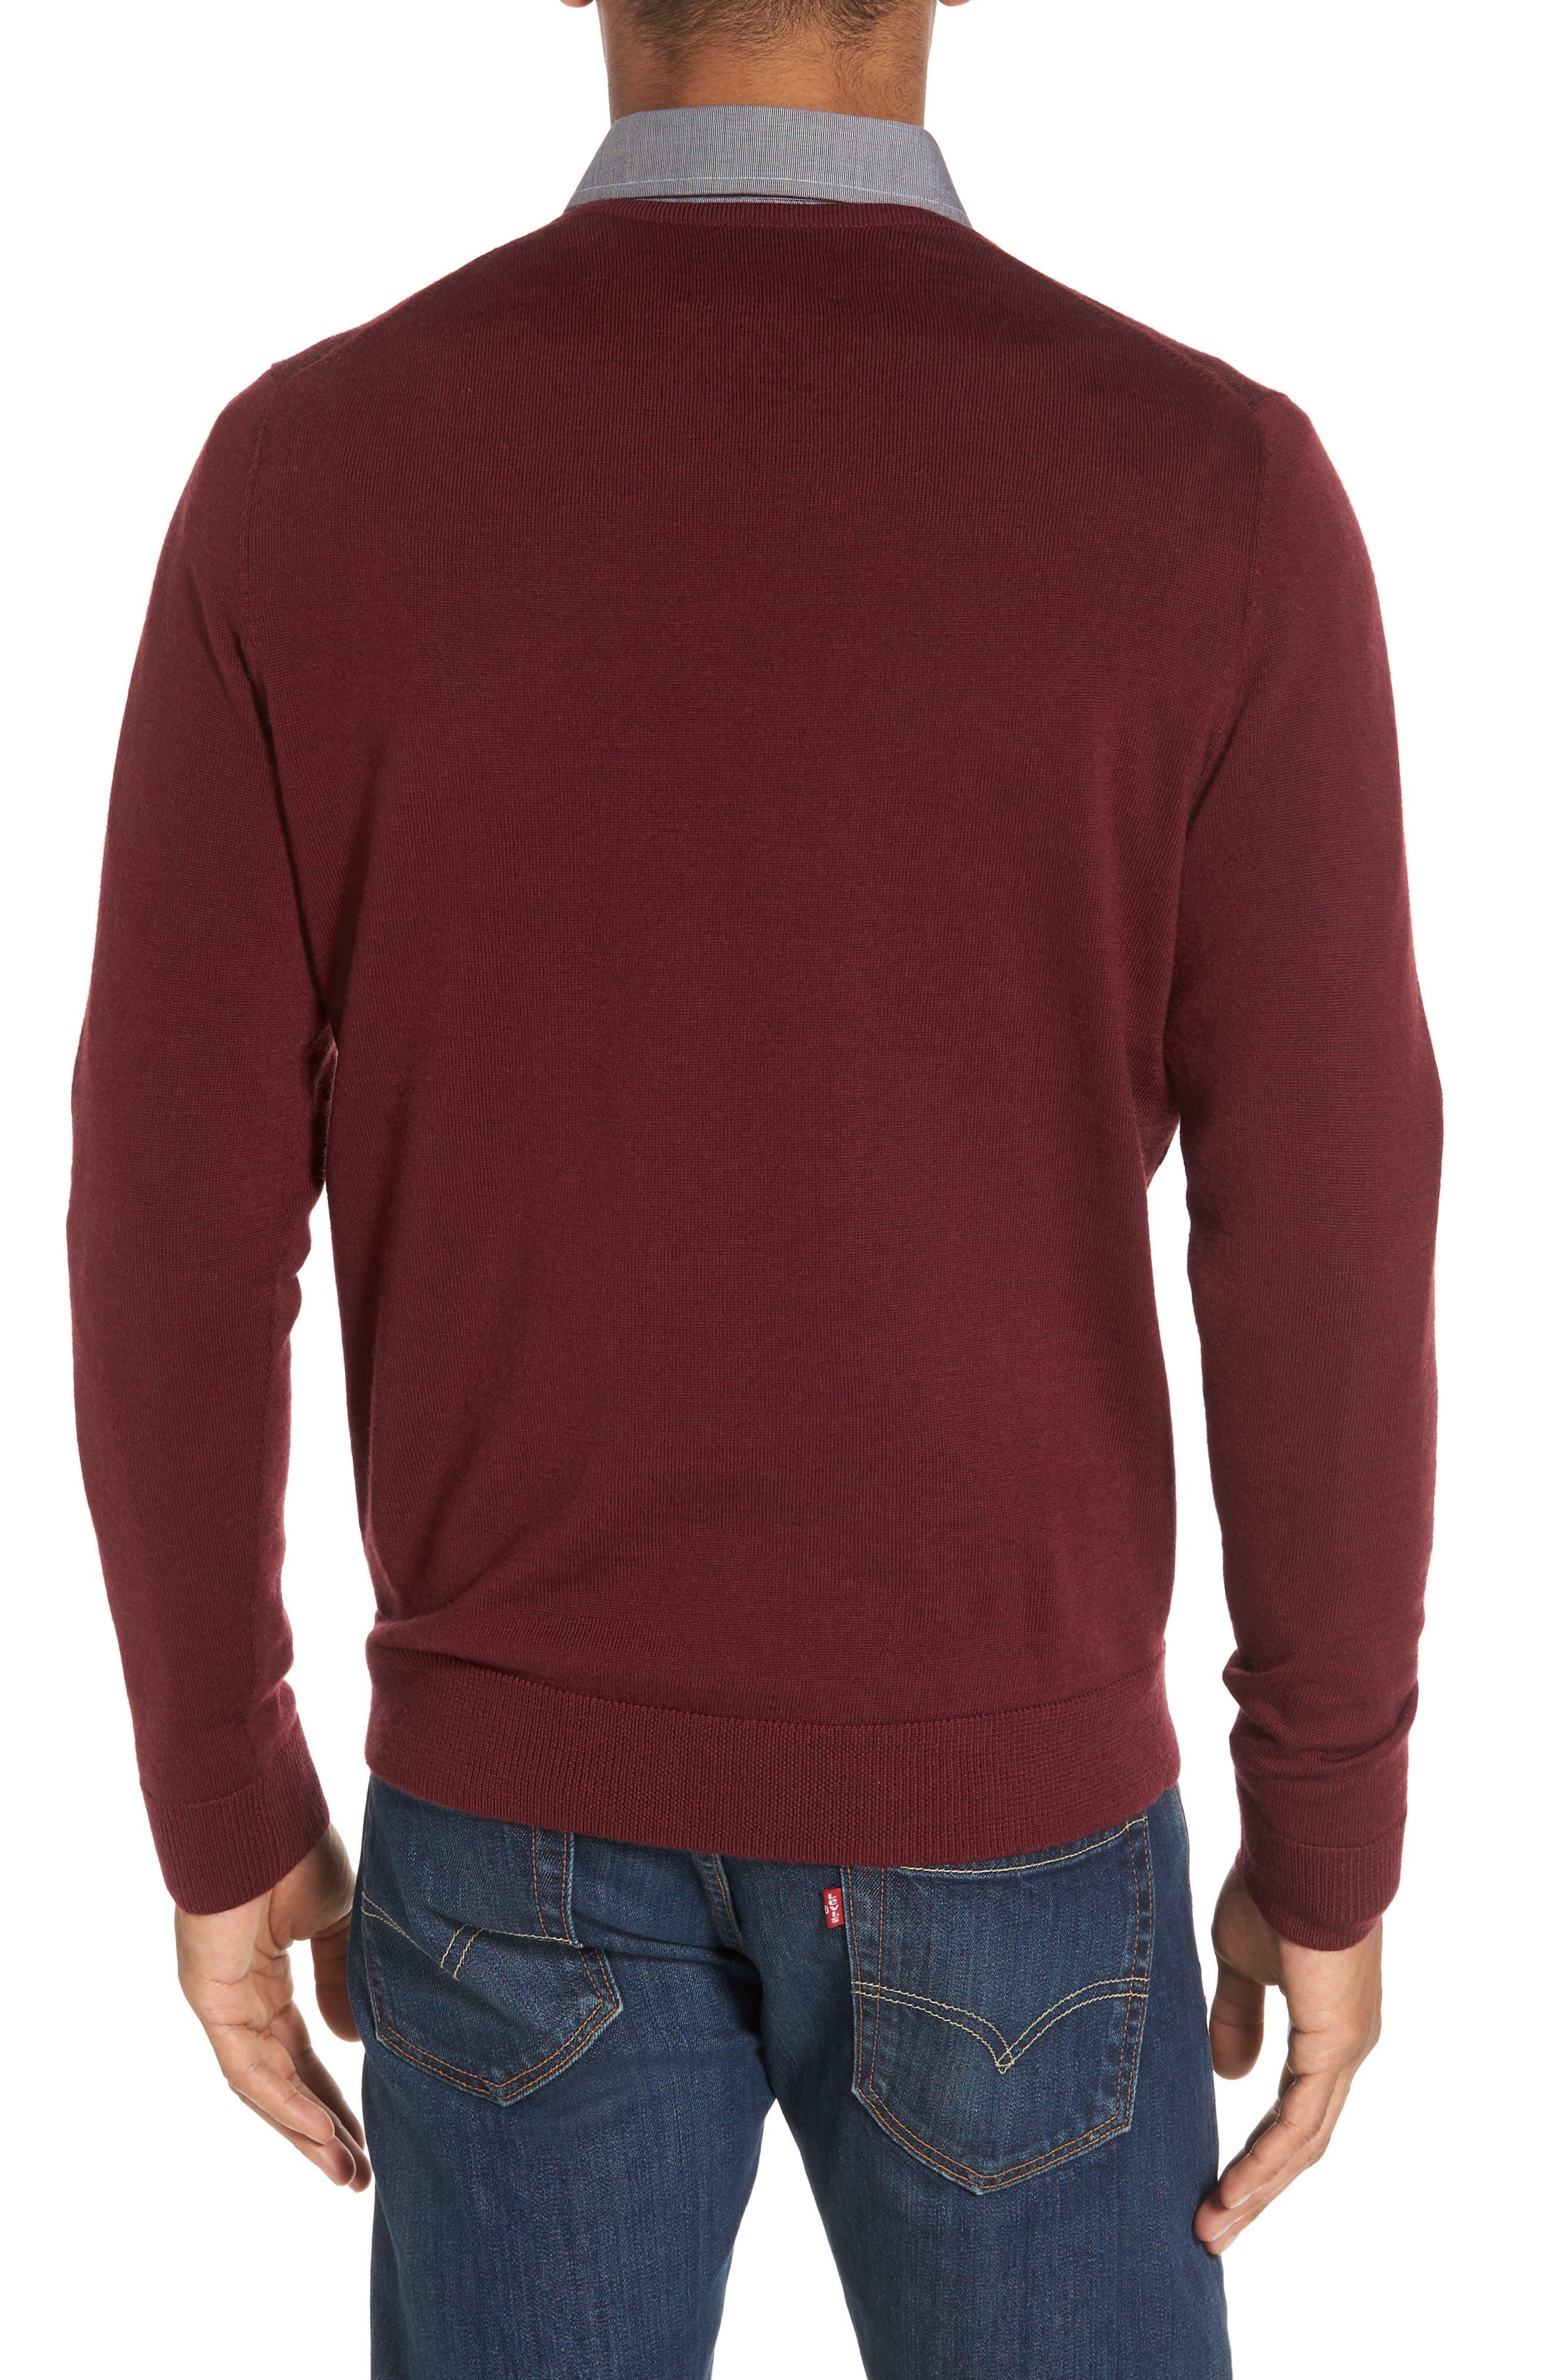 V-Neck Merino Wool Sweater,                             Alternate thumbnail 2, color,                             Burgundy Stem